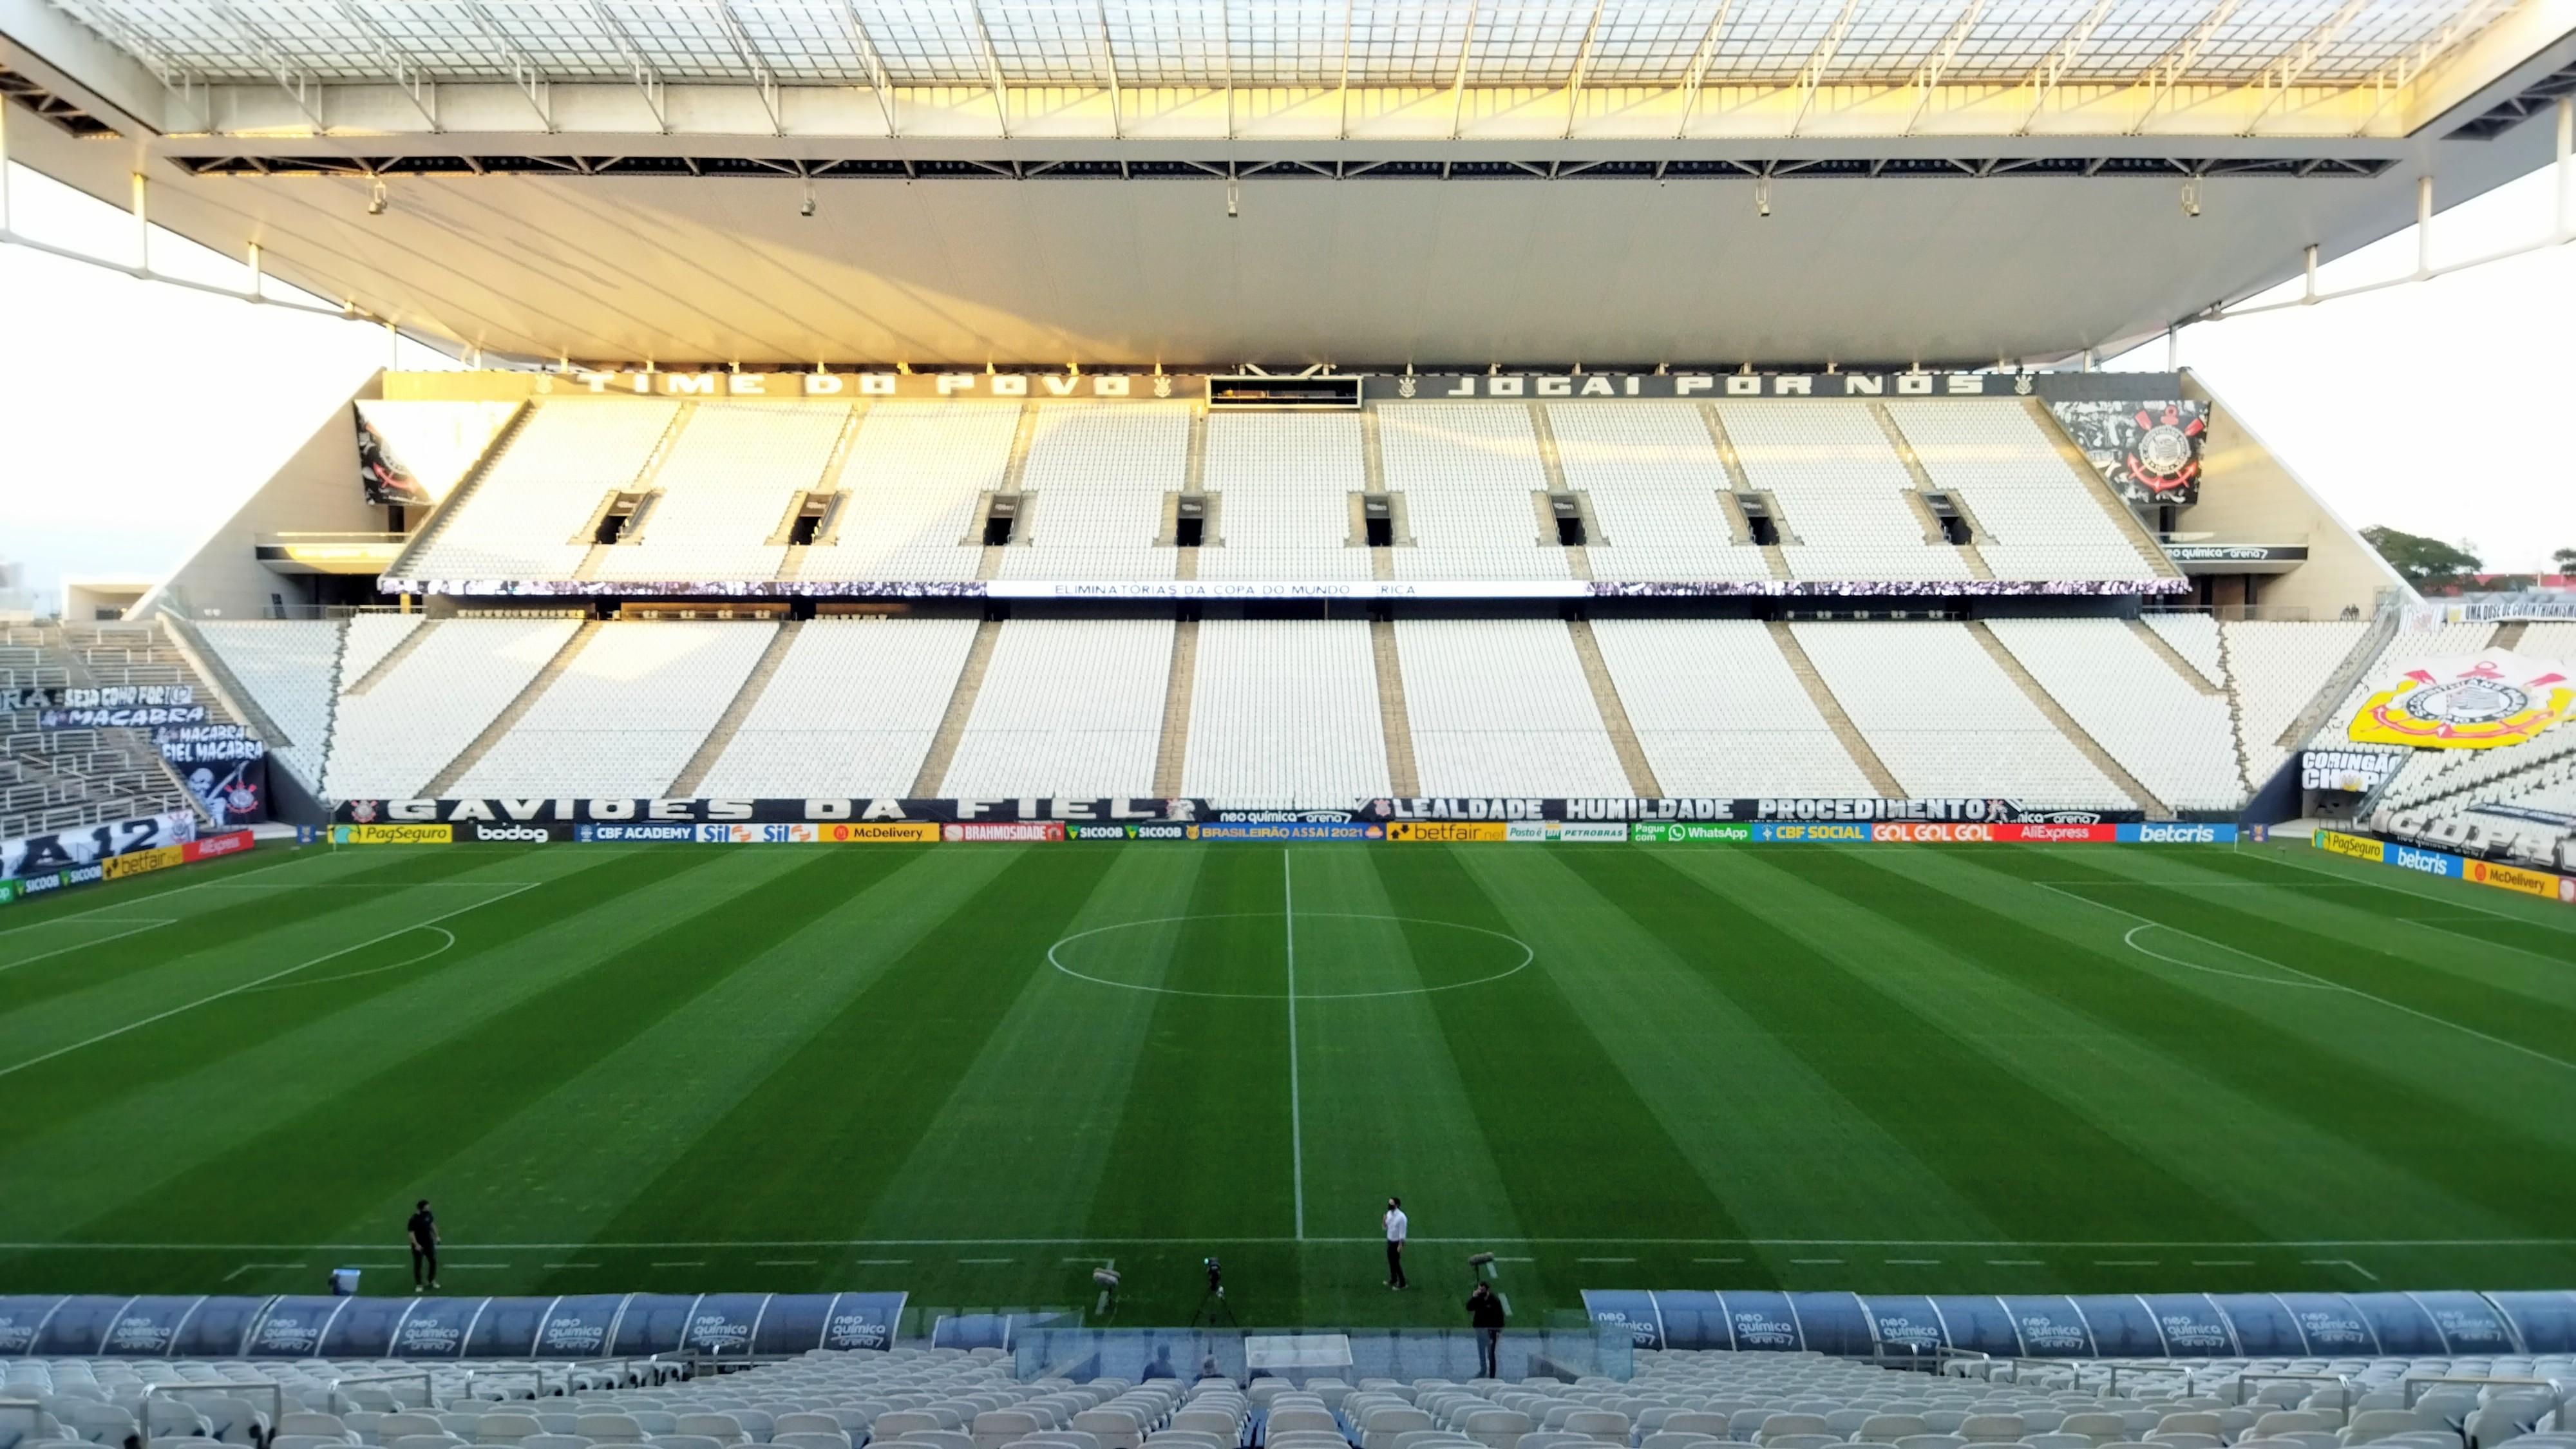 Não assistiu ao jogo? Leia aqui o resumo e ficha técnica da partida entre Corinthians e RB Bragantino pelo Campeonato Brasileiro